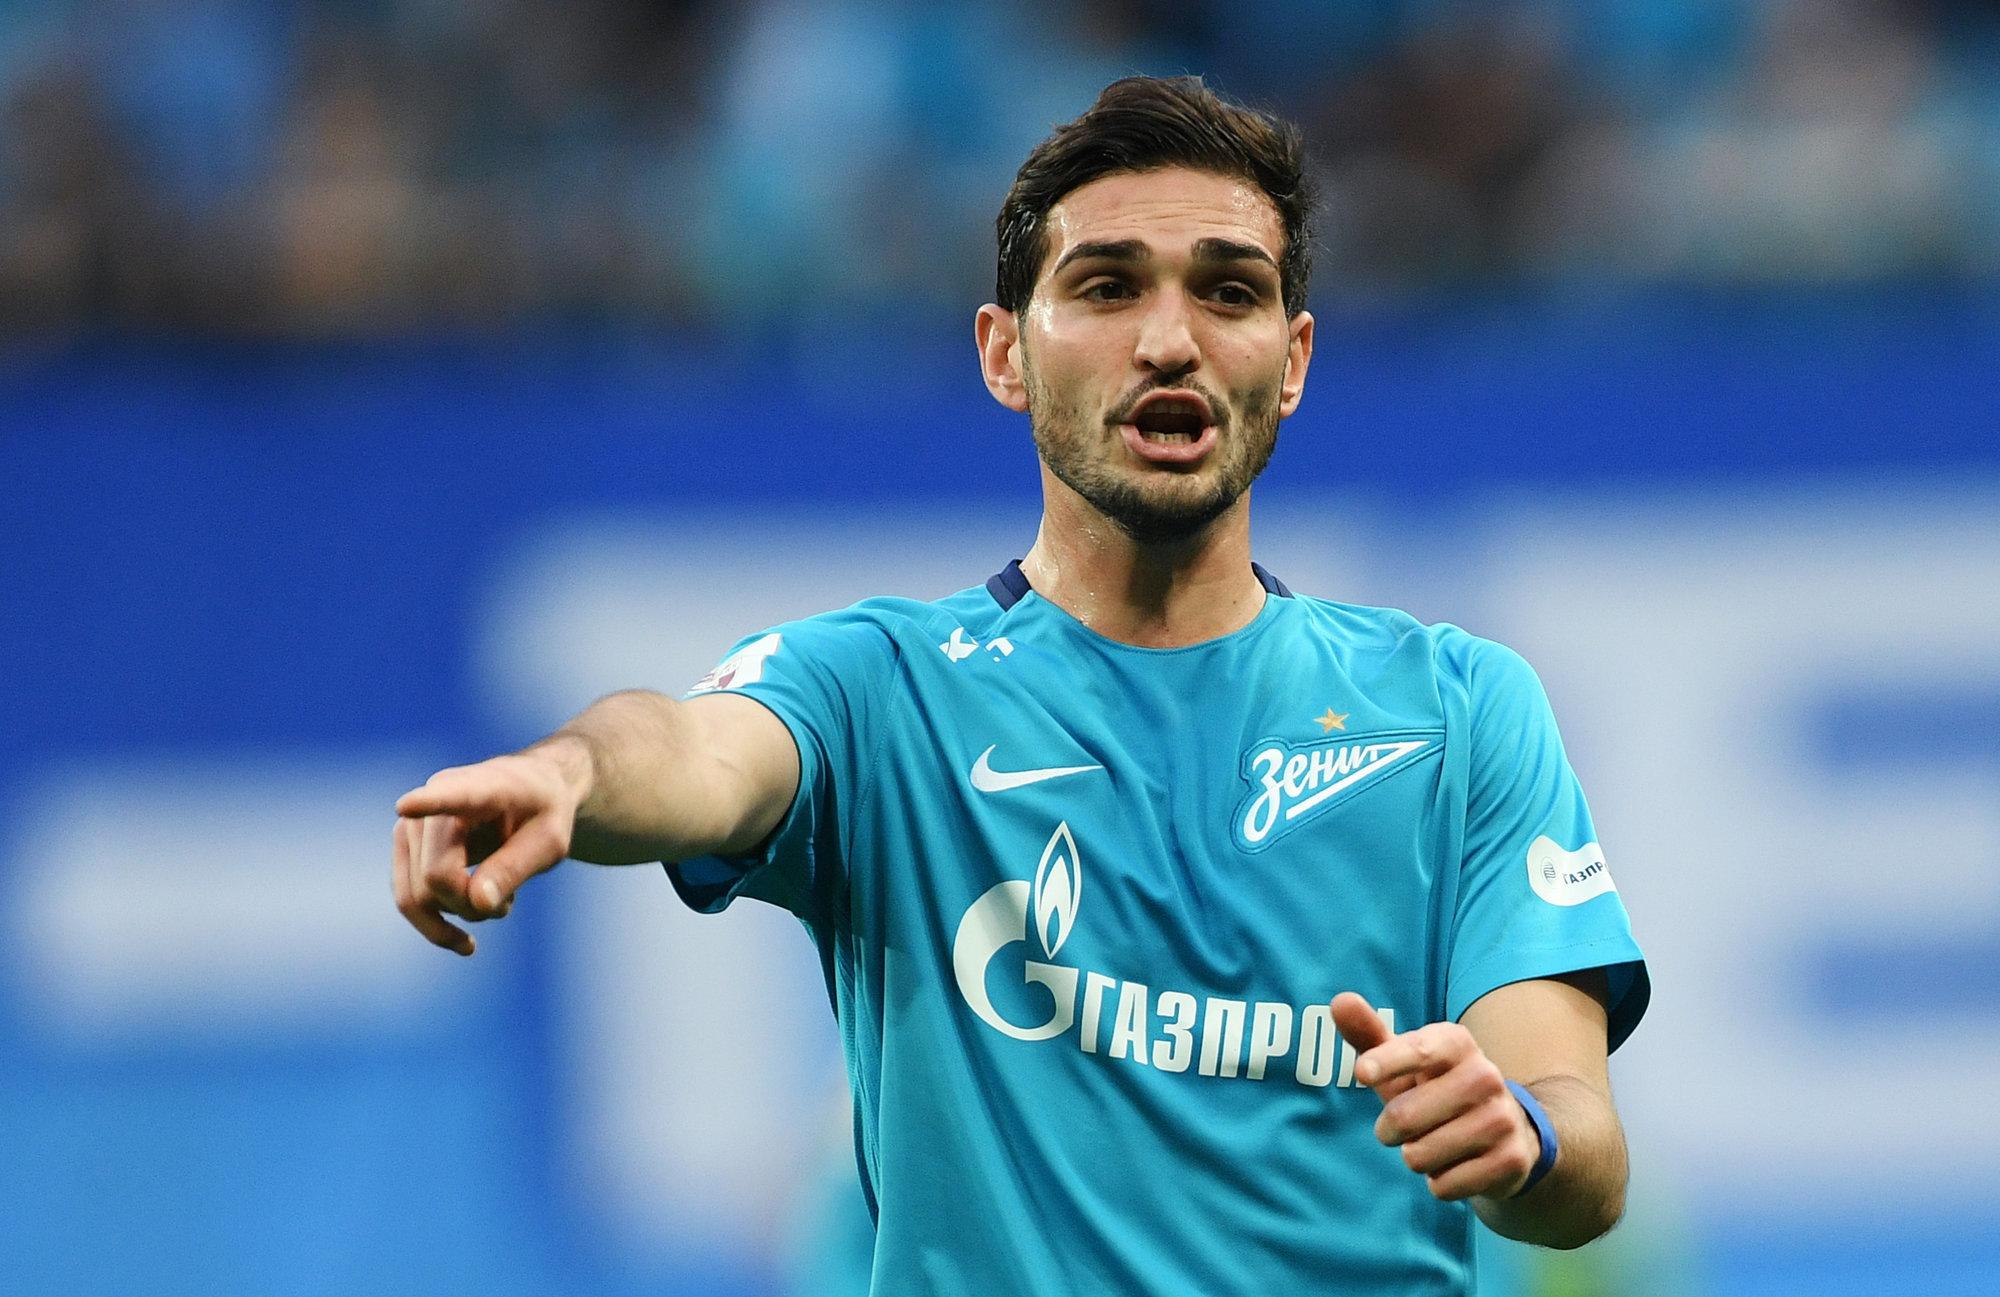 Алексей Пивоваров рассказал, как «пилят» деньги на футболе, почему в «Зените» заиграл Оздоев, а не Маркизио - фото